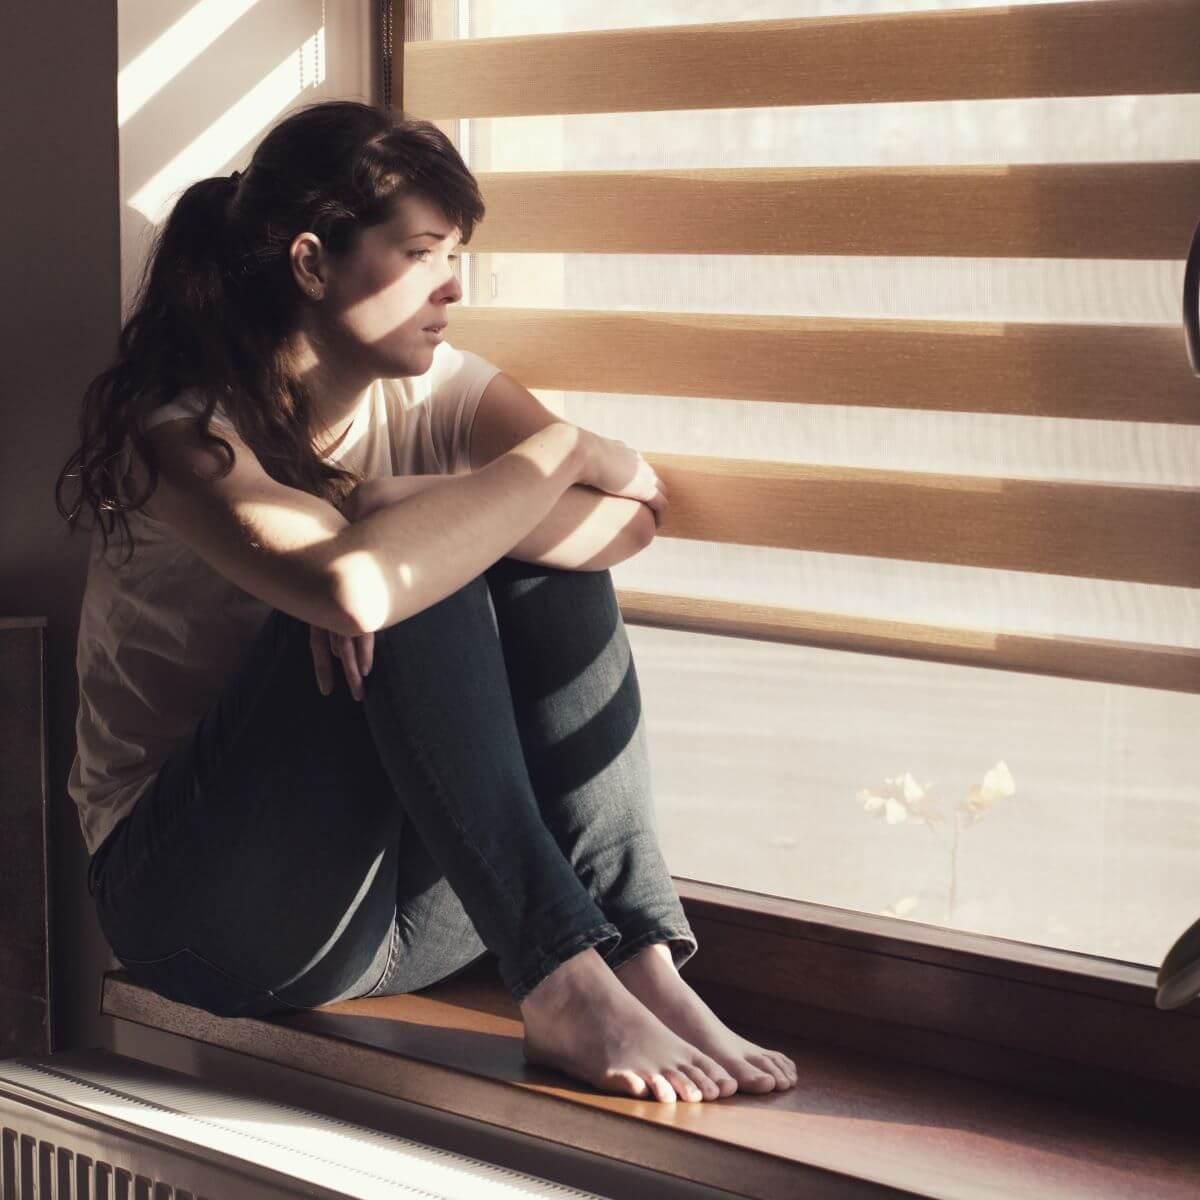 Frau führt Fernbeziehung und schaut aus dem Fenster